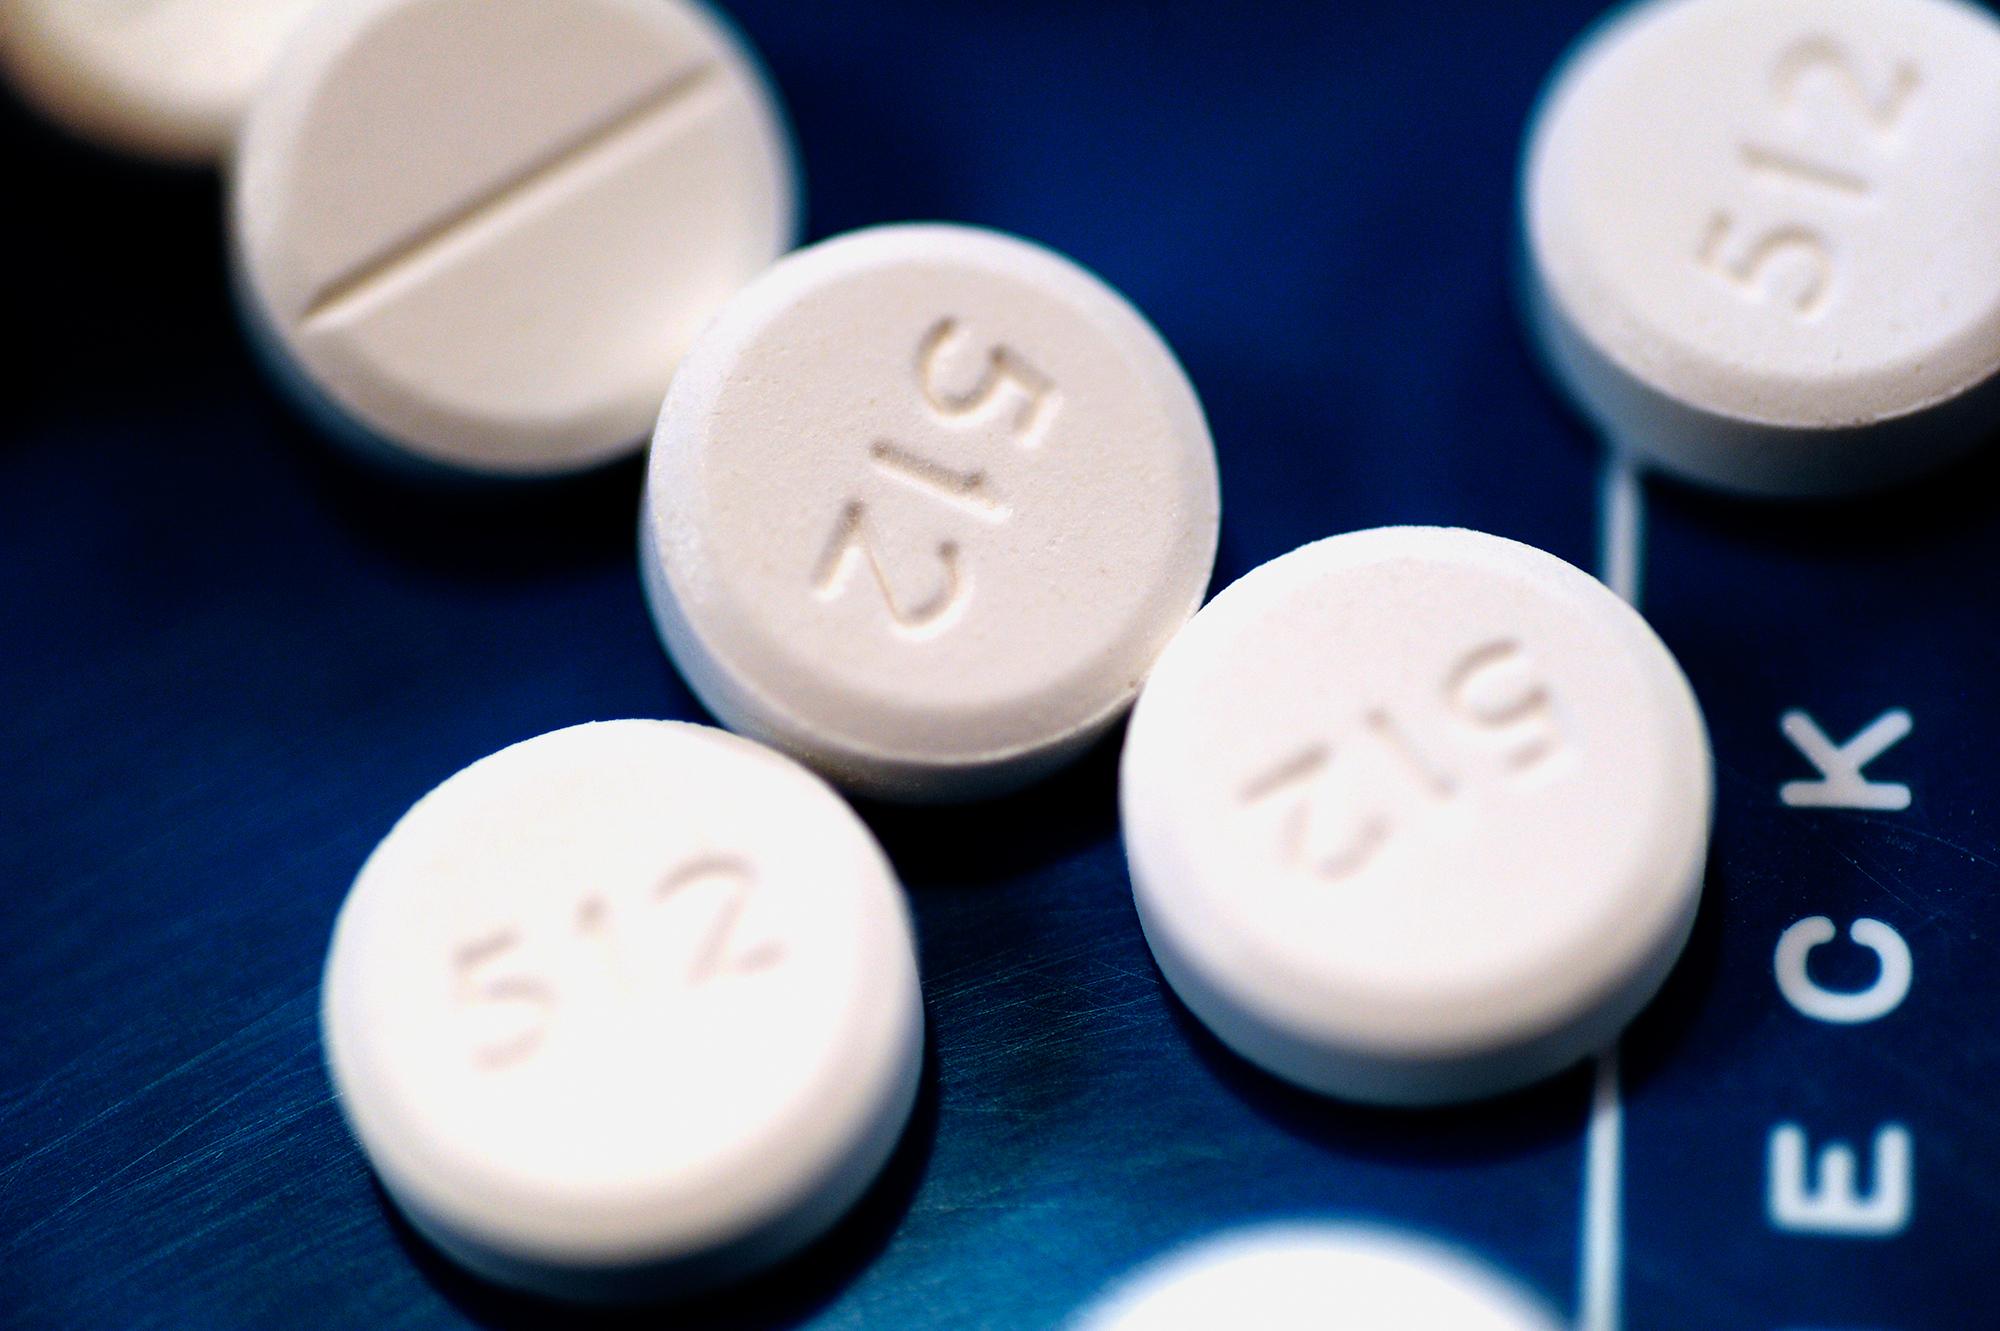 buy hydrochlorothiazide online no prescription